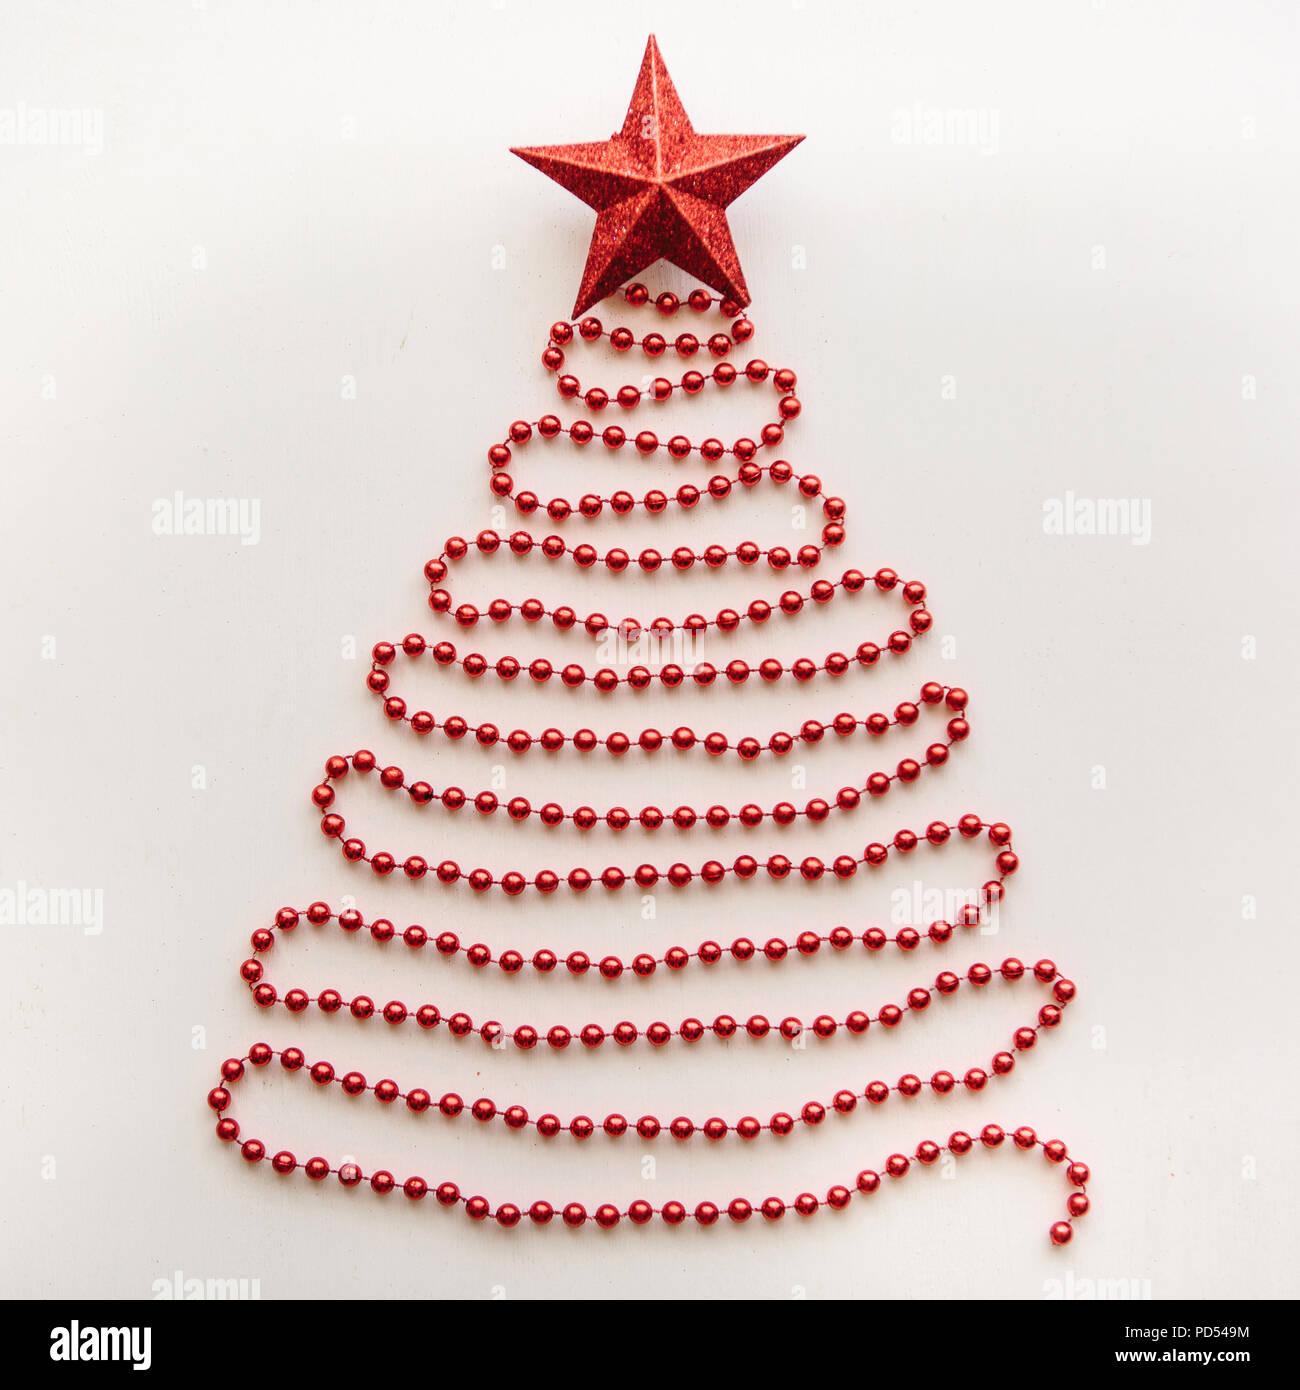 Spitze Für Tannenbaum.Kreative Idee Im Minimalistischen Stil Für Weihnachten Oder Neujahr